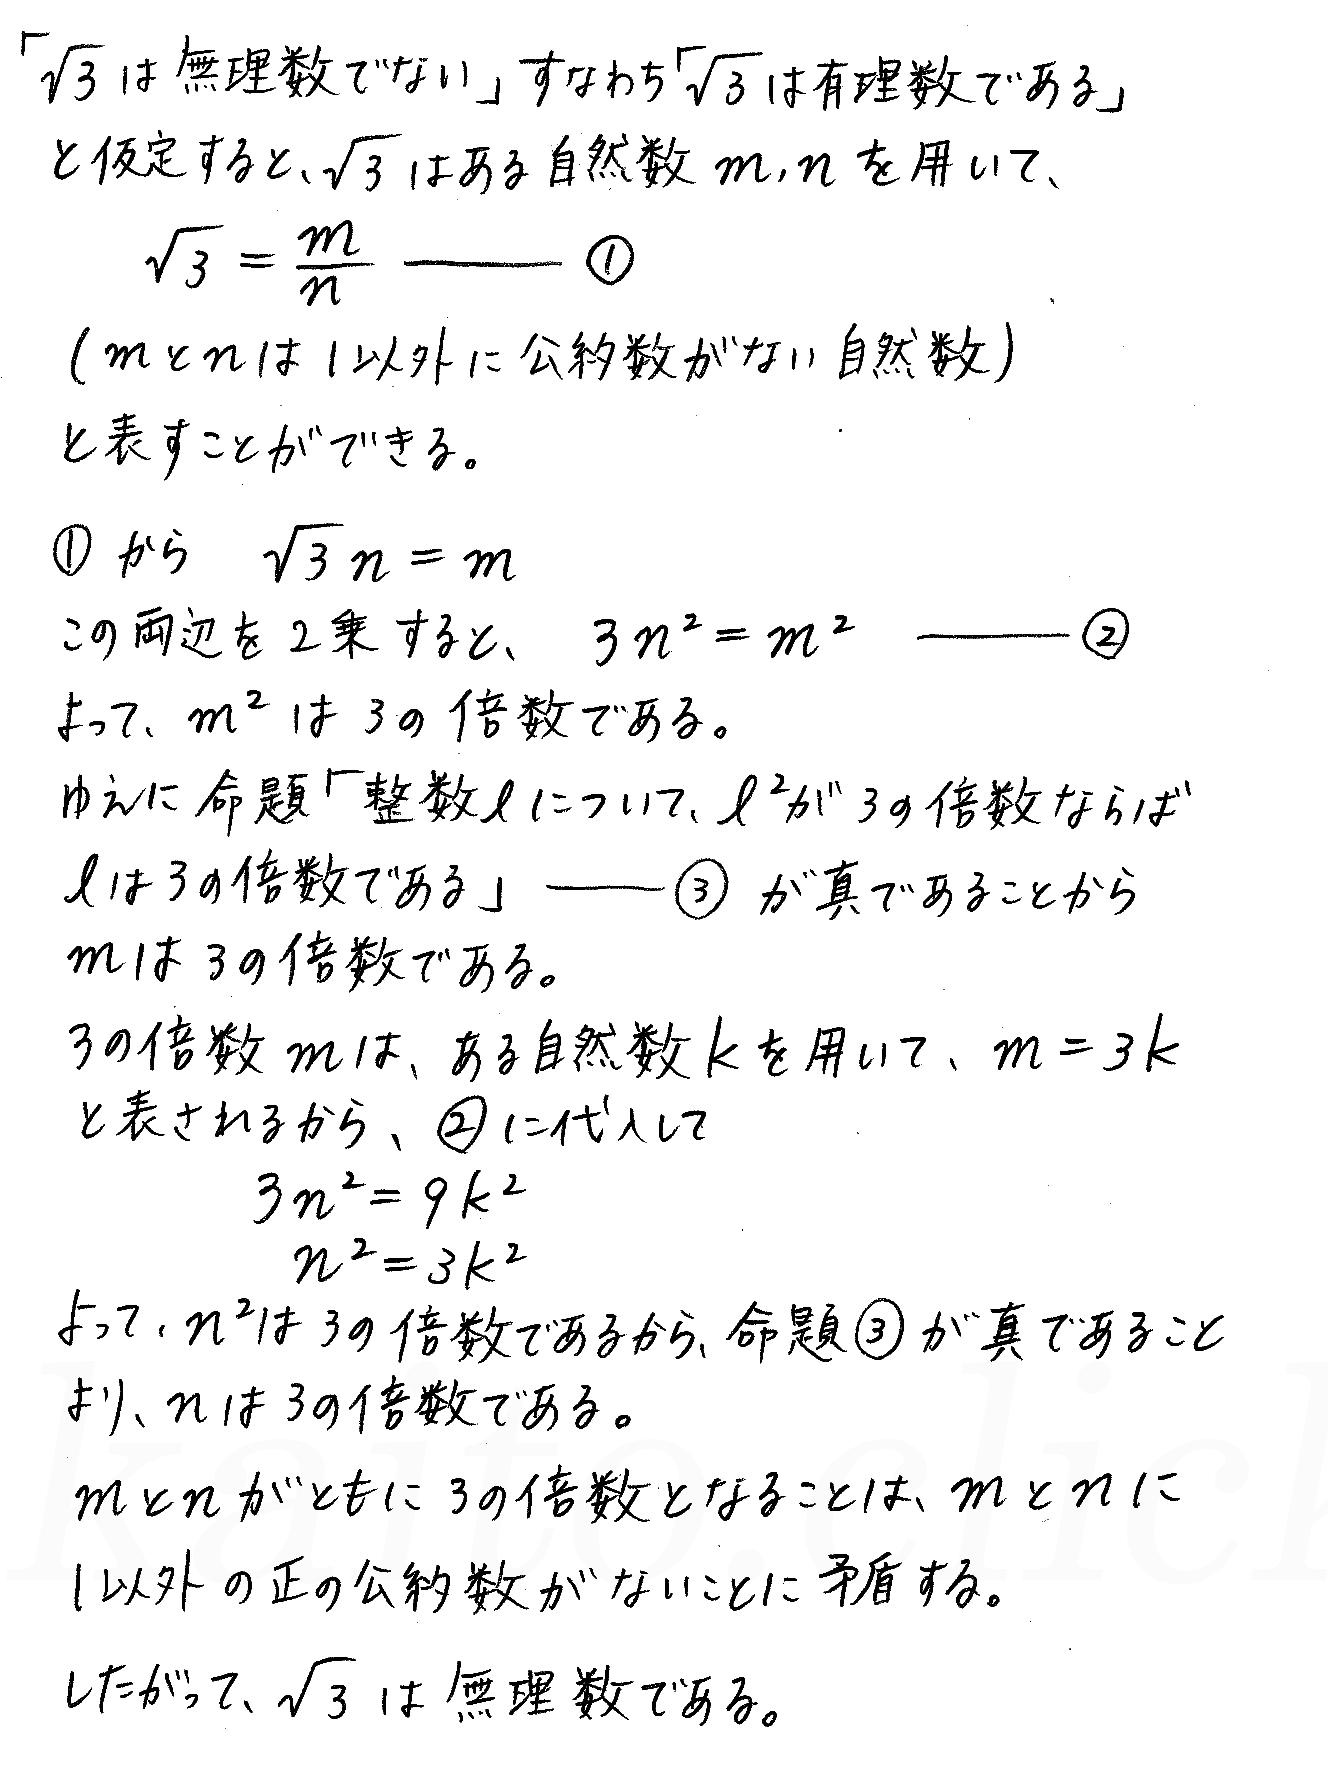 クリアー数学1-141解答